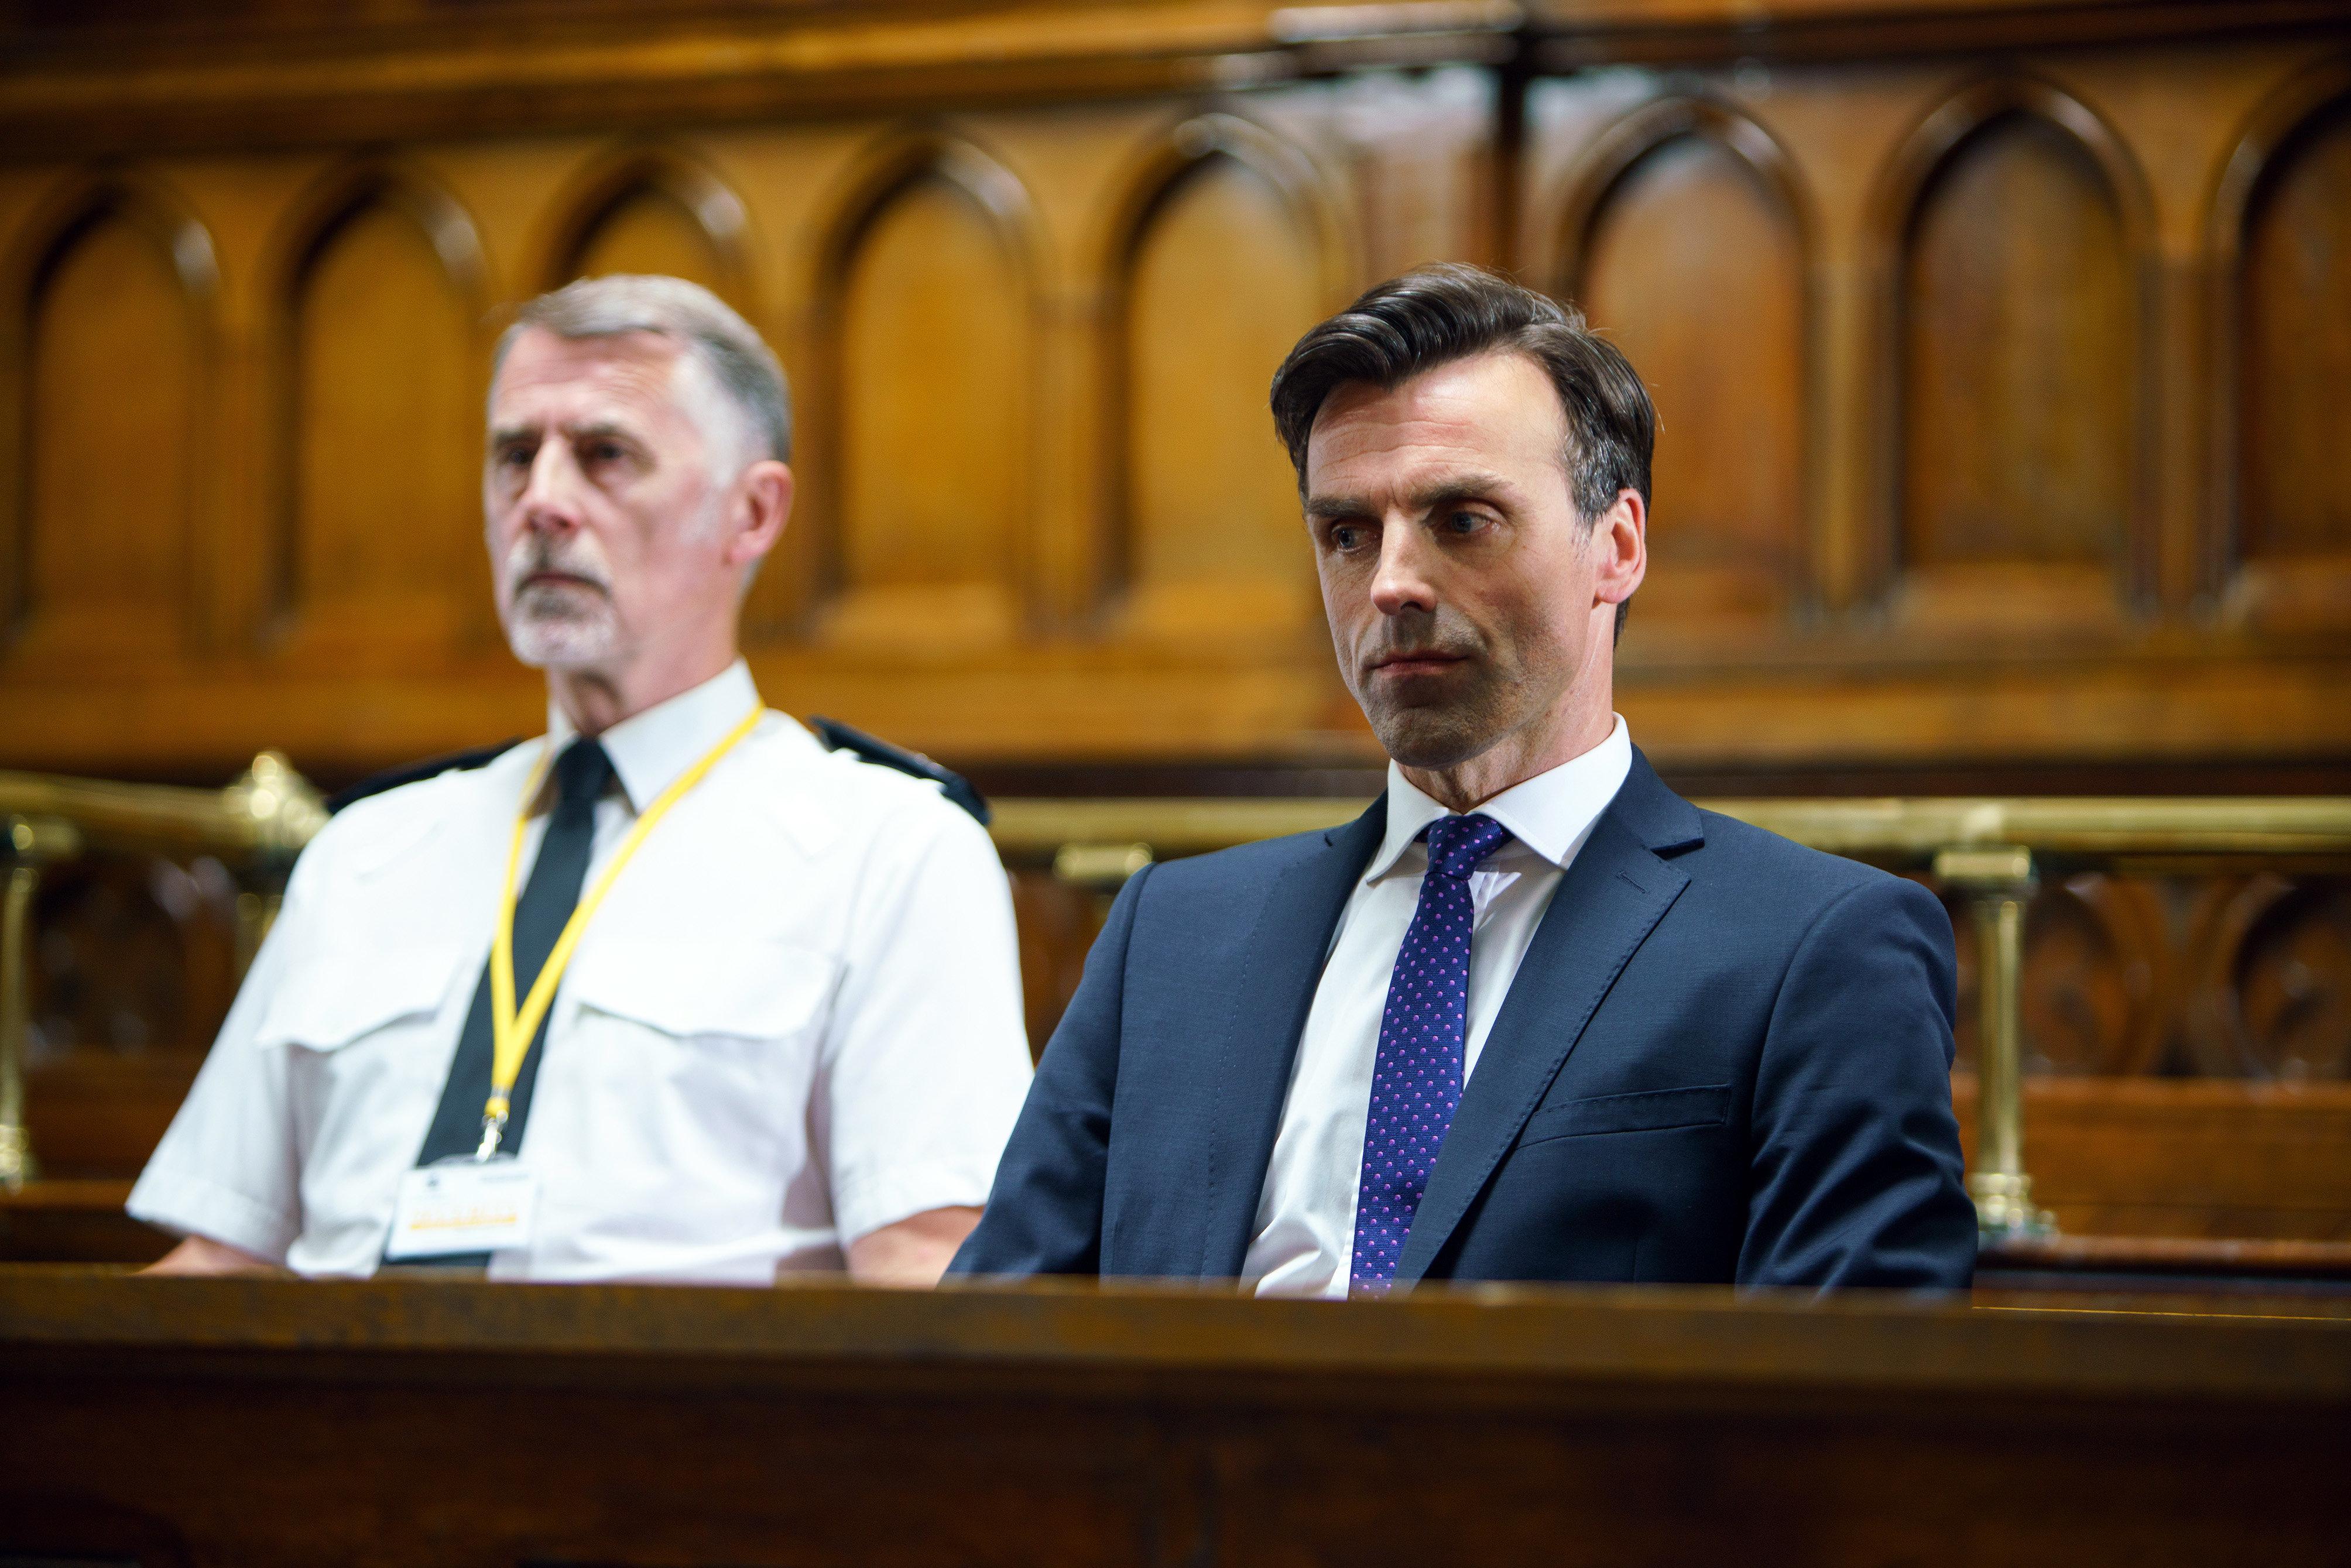 'Emmerdale' Fans React To Pierce Harris Rape Trial